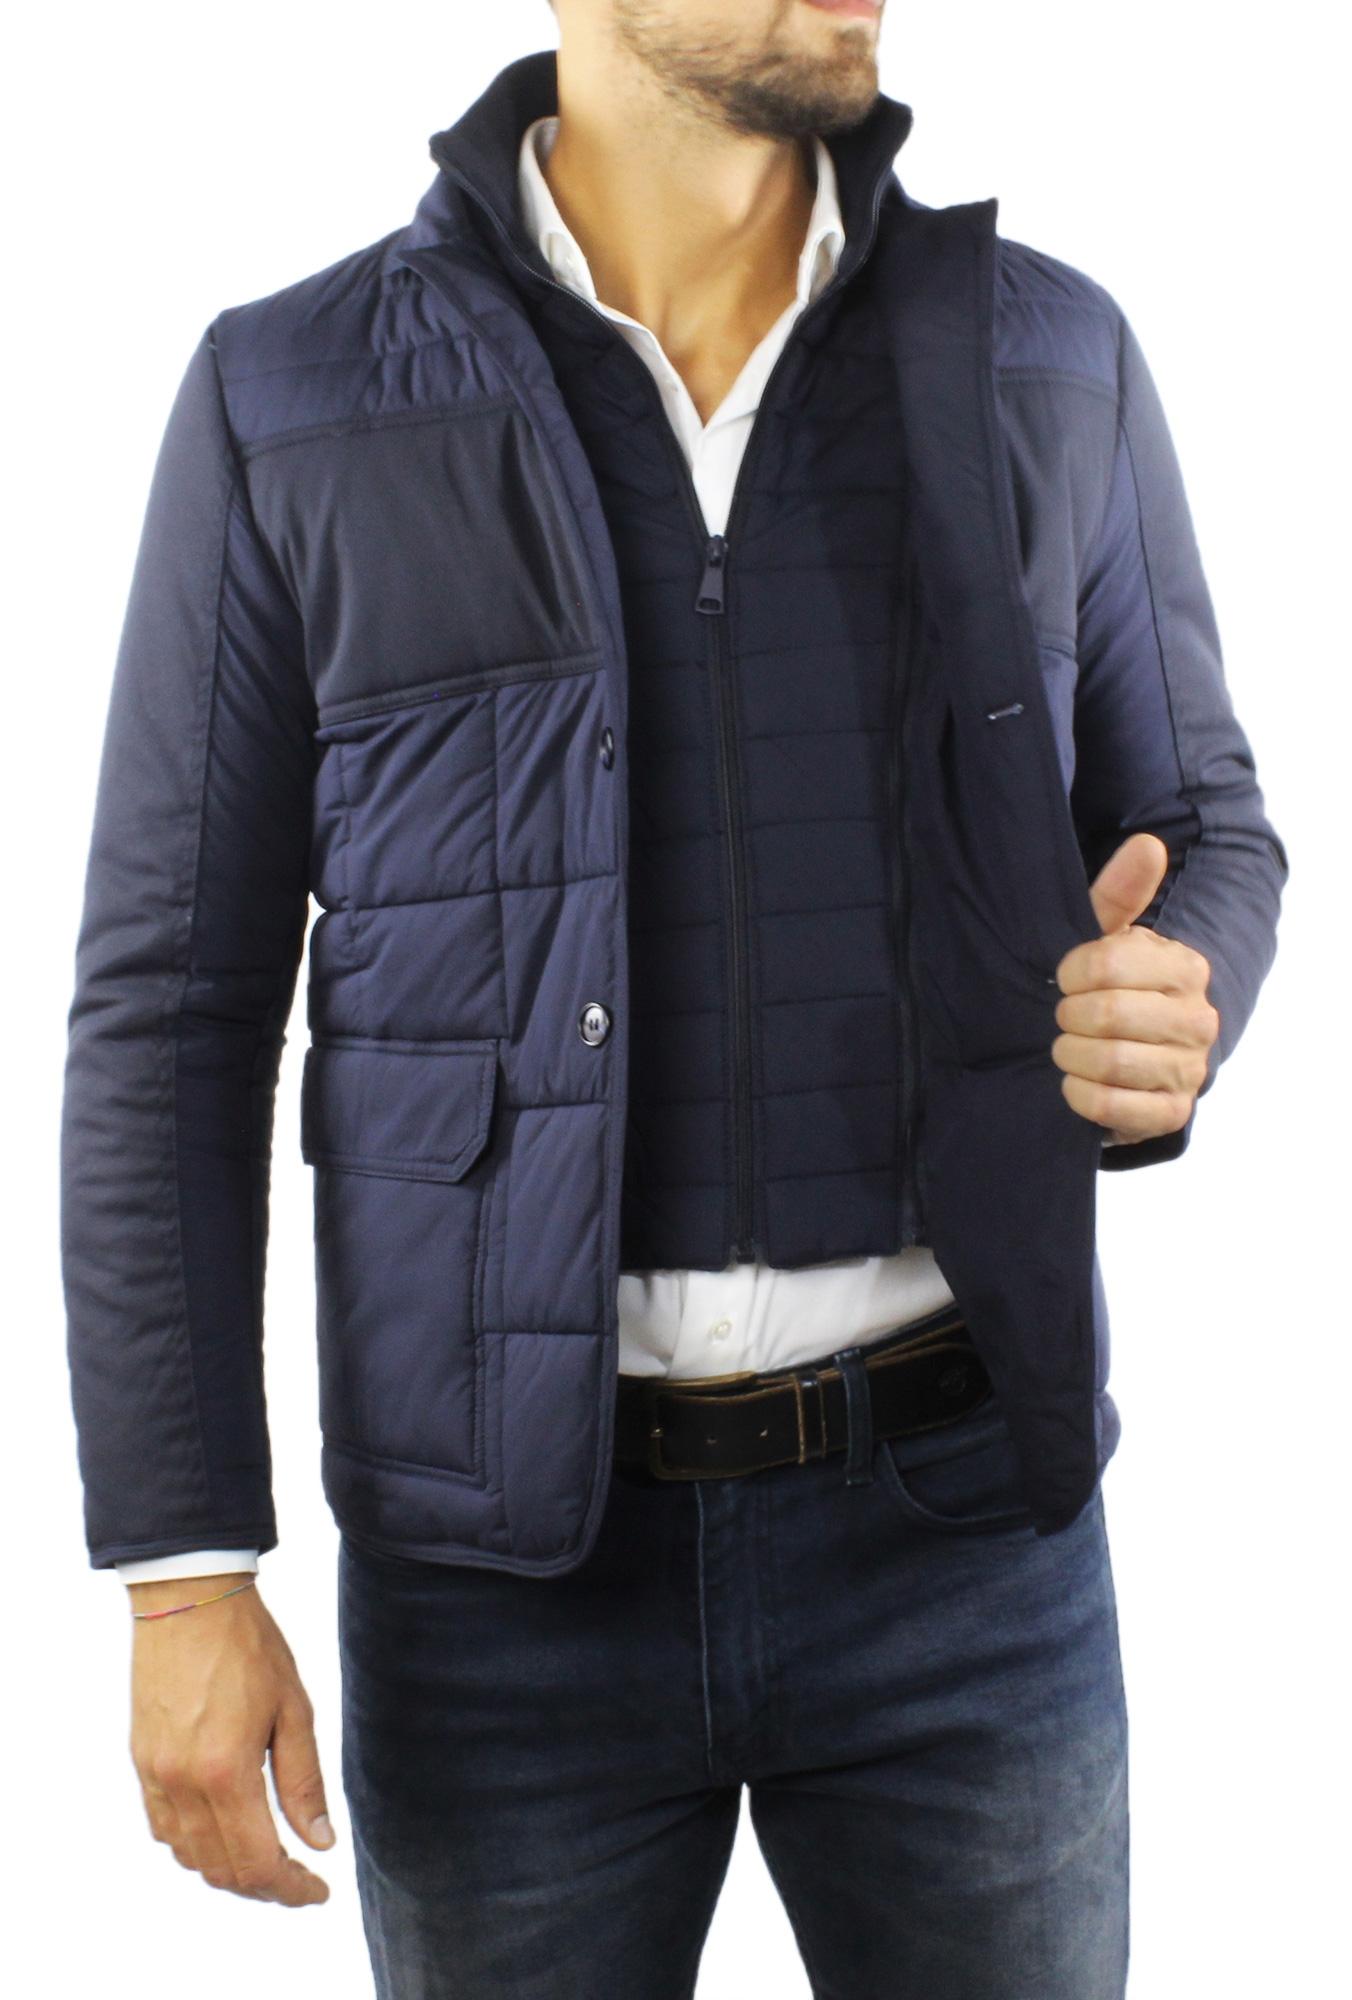 Giubbotto-Uomo-Invernale-Slim-Fit-Blu-Nero-Giacca-Elegante-Trapuntata-Cappotto miniatura 8